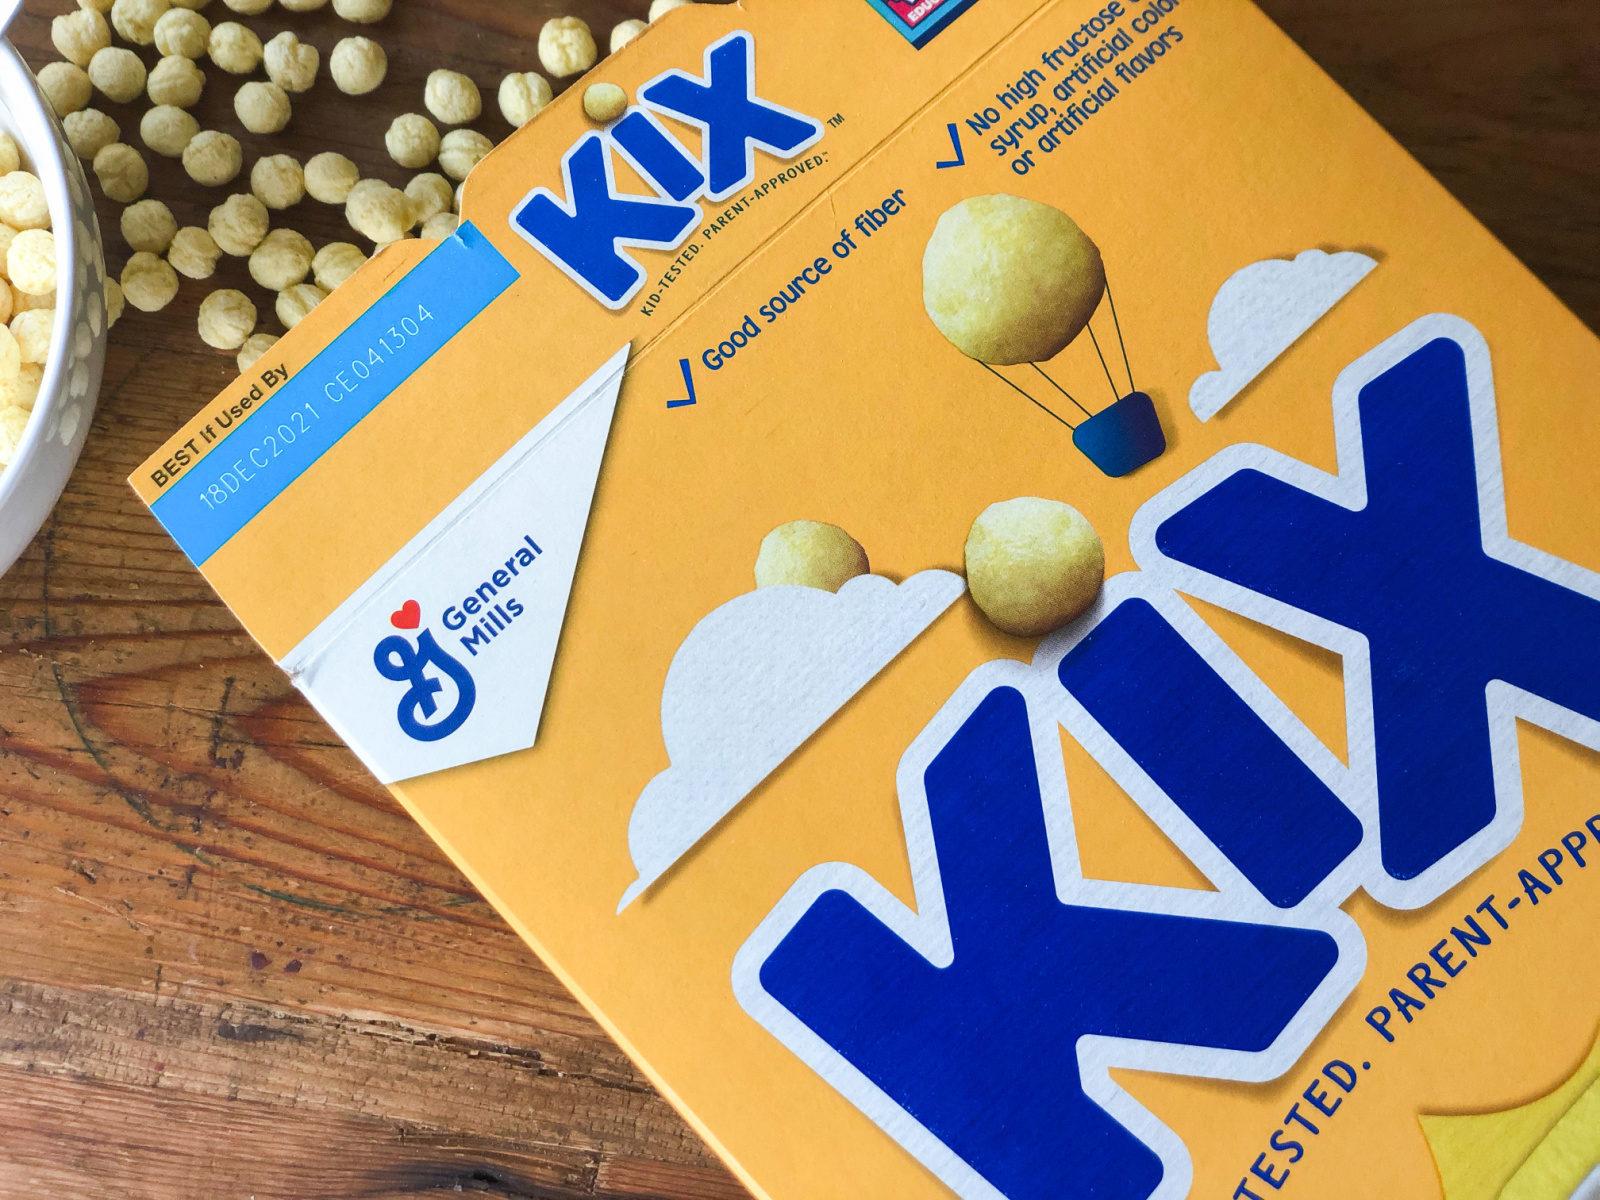 Kix Cereal Just 69¢ Per Box At Publix on I Heart Publix 1